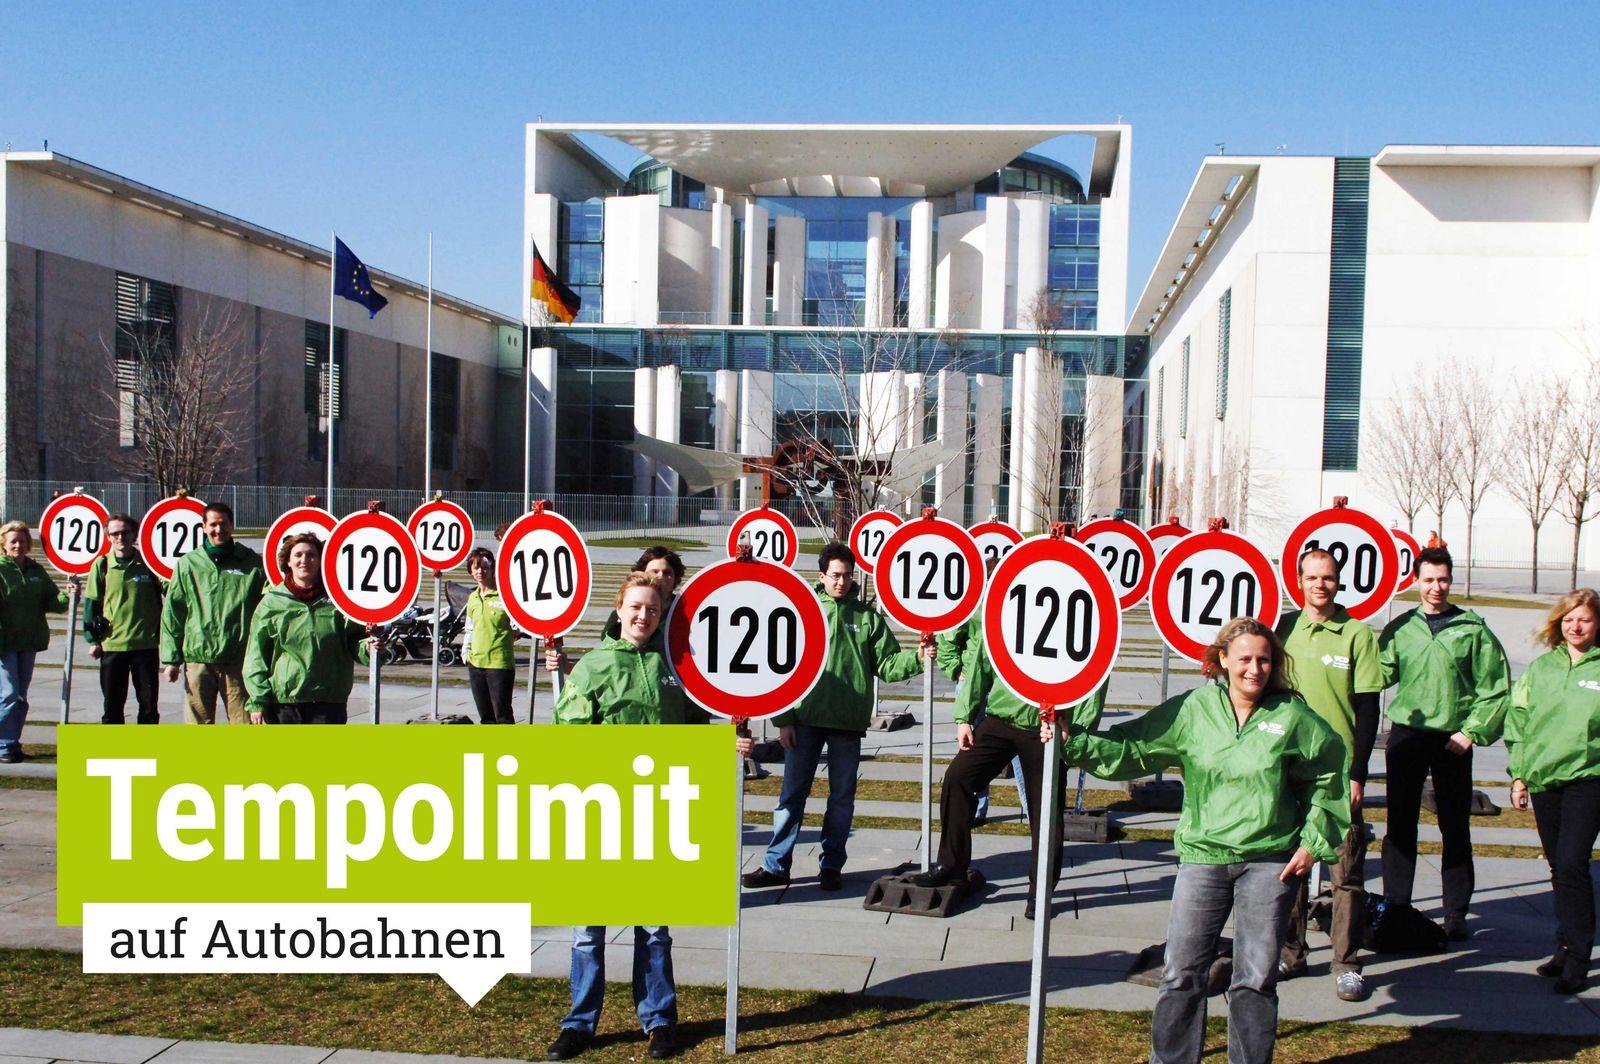 Geschwindigkeitsbegrenzung Autobahn Deutschland Karte.Tempolimit Auf Autobahnen Für Mehr Klimaschutz Und Verkehrssicherheit